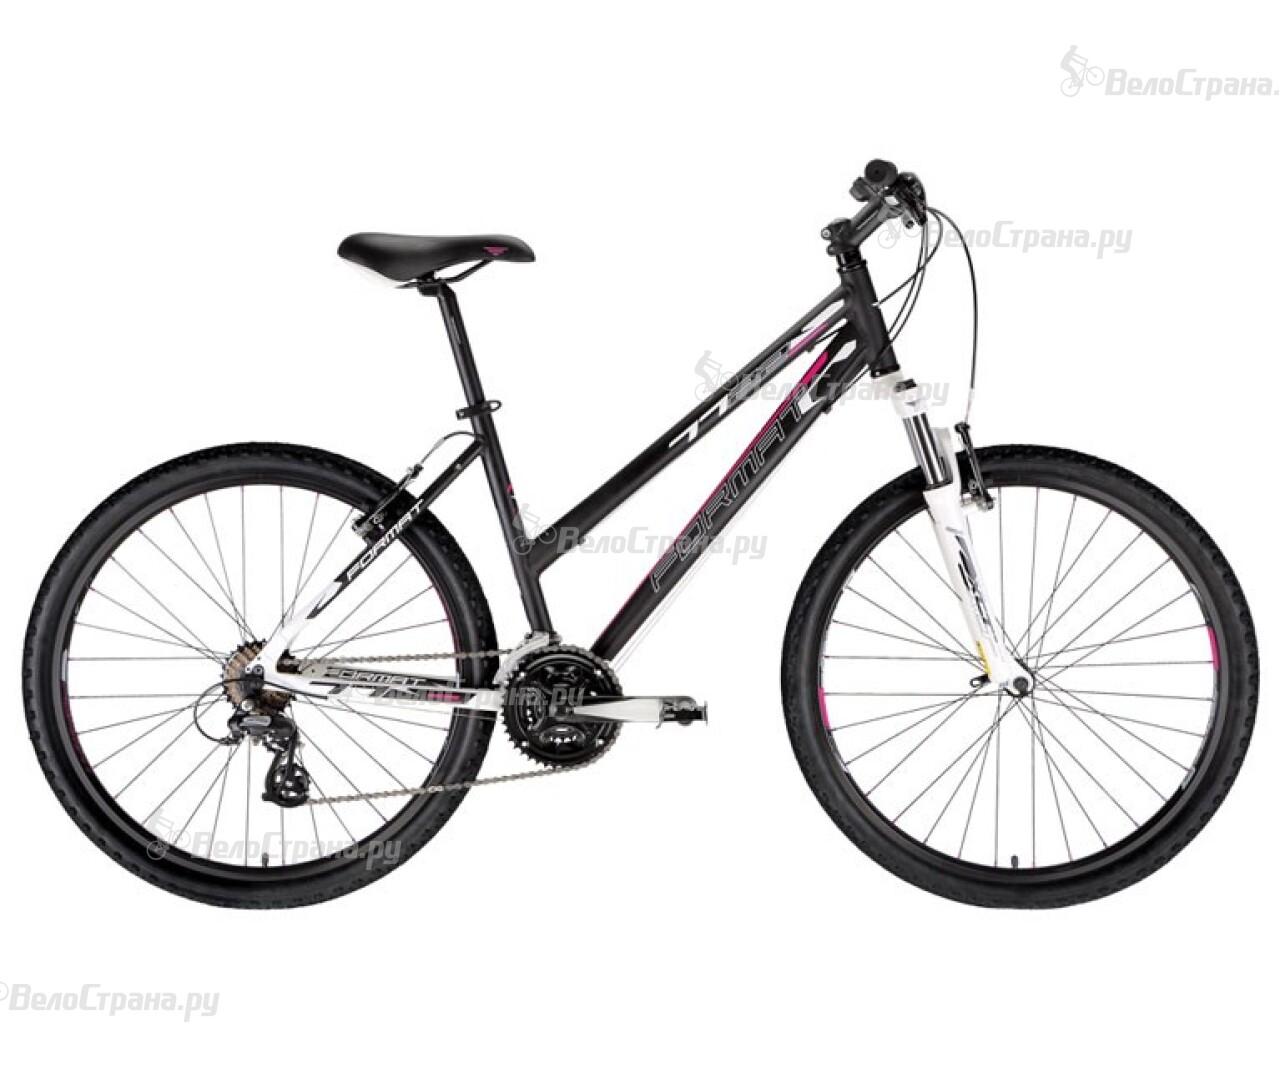 Велосипед Format 7722 (2014) велосипед format 1212 2014